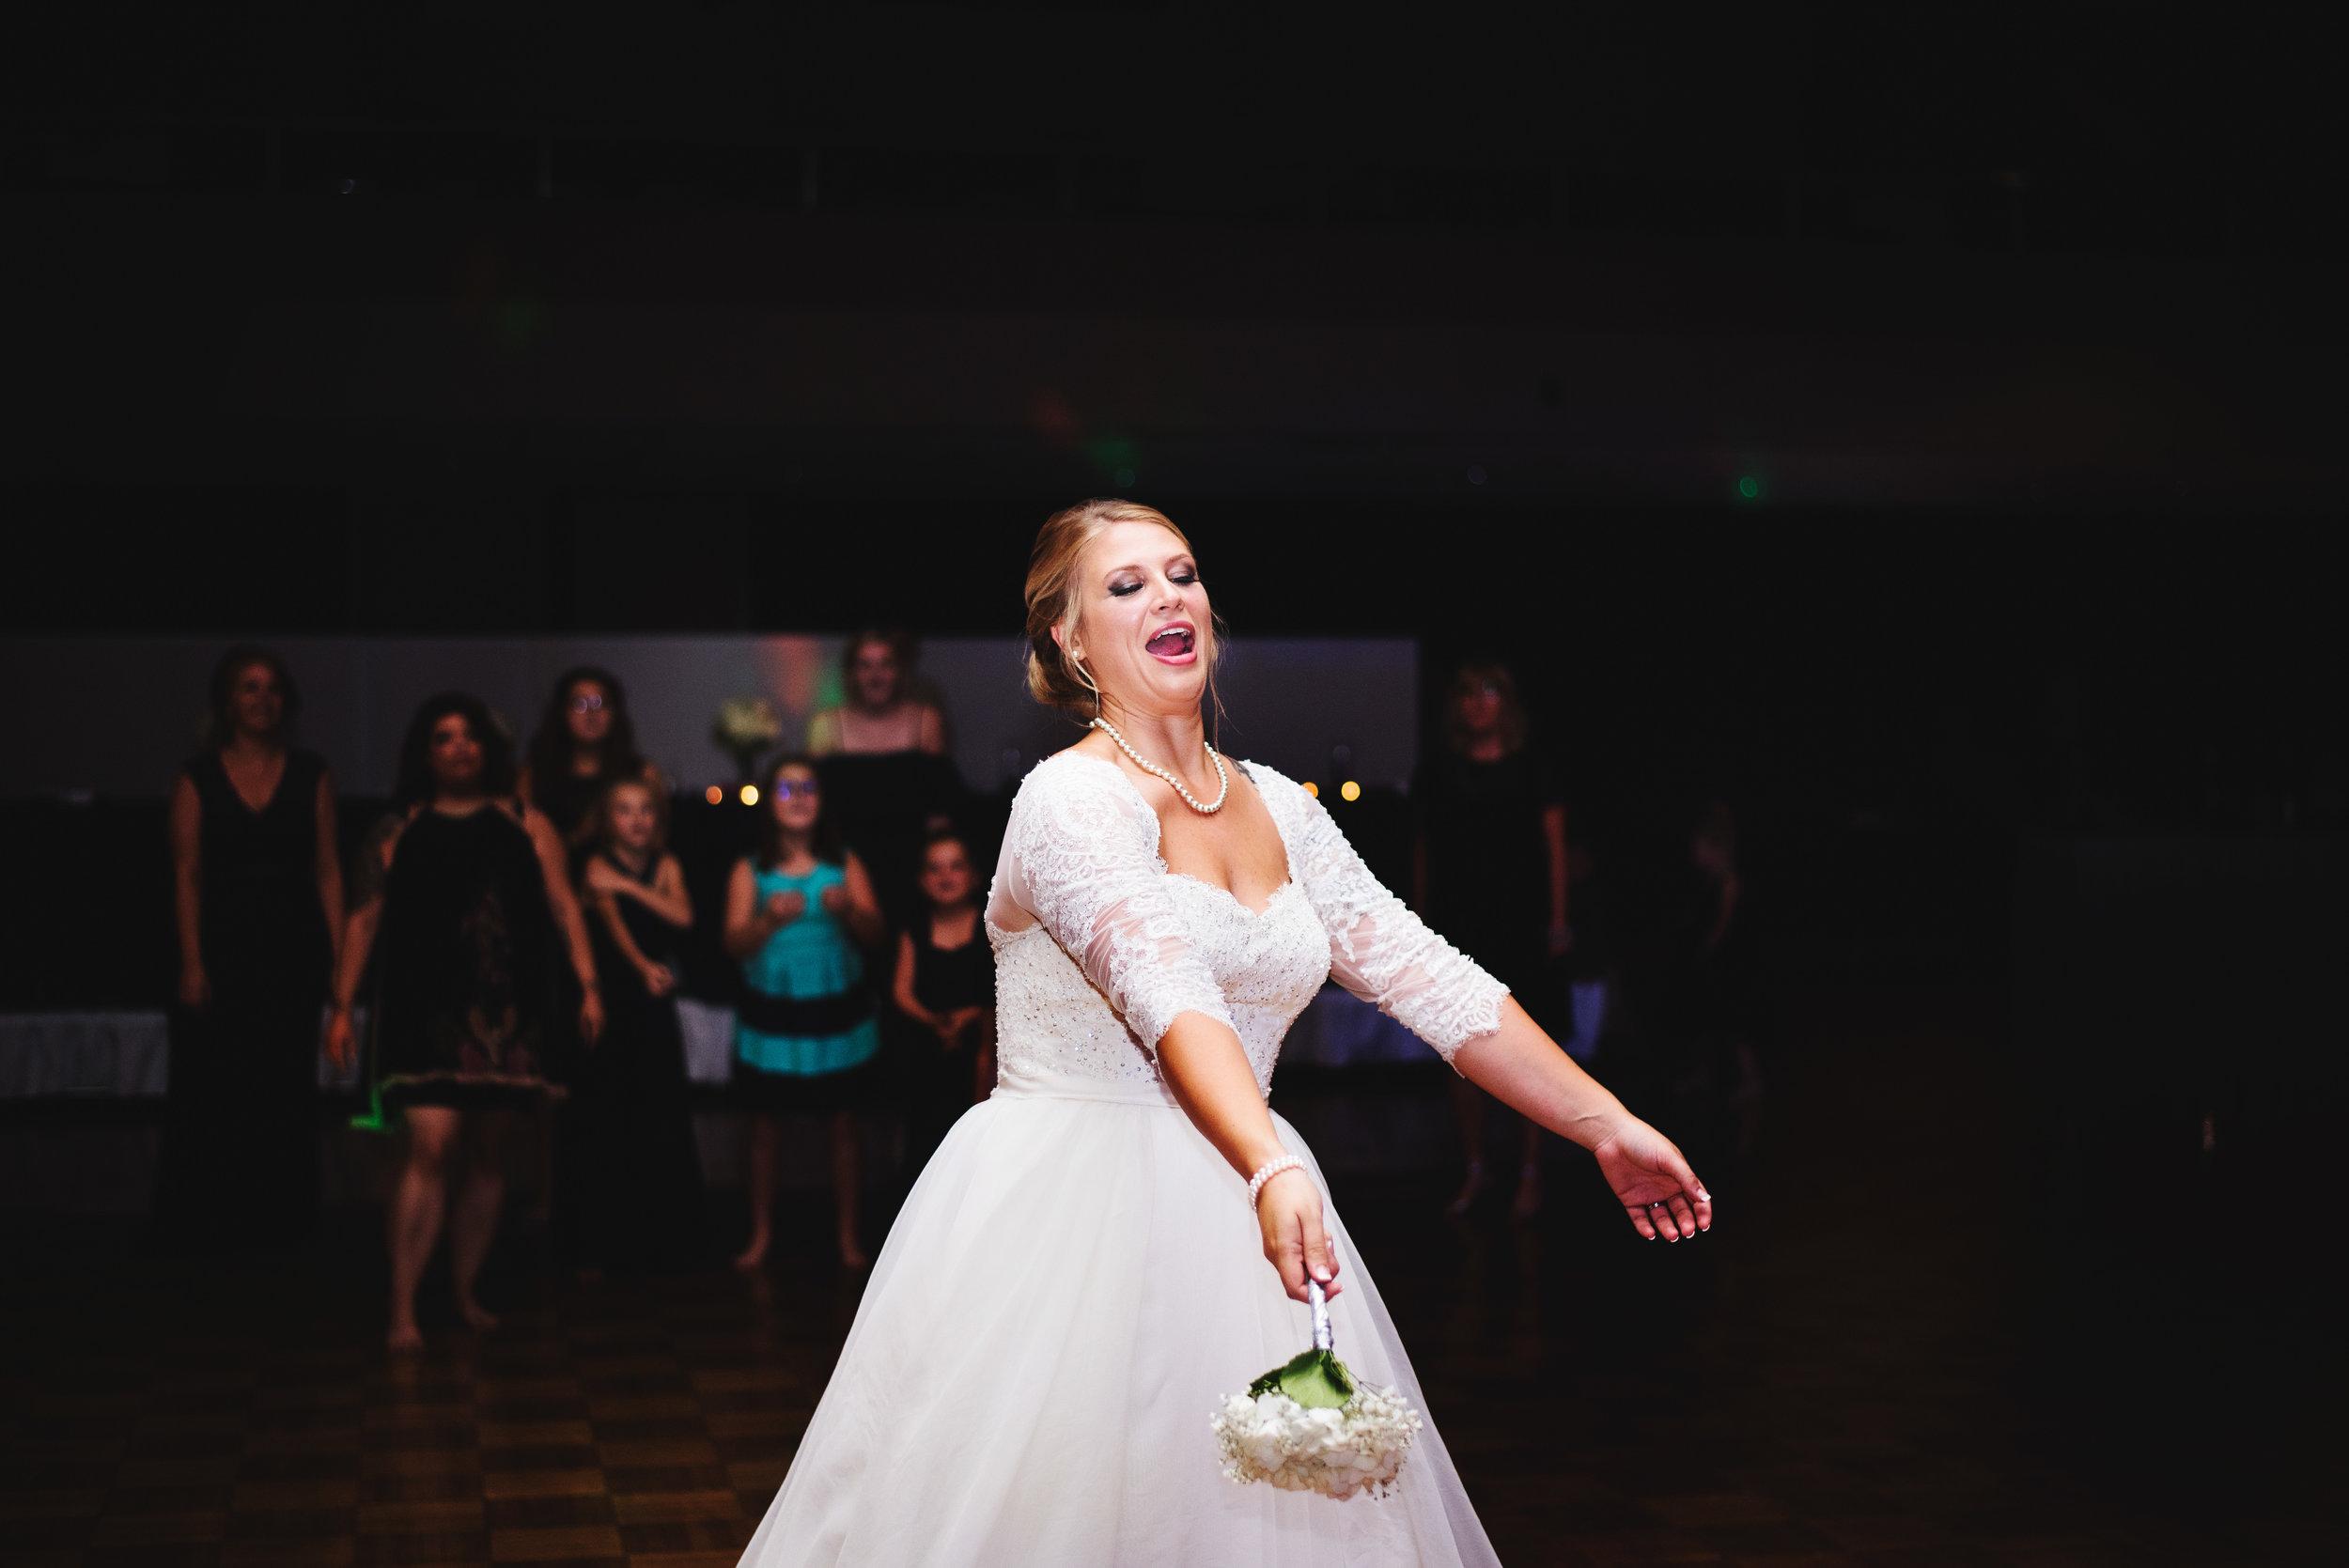 King-Northern-Illinois-University-Wedding164.jpg